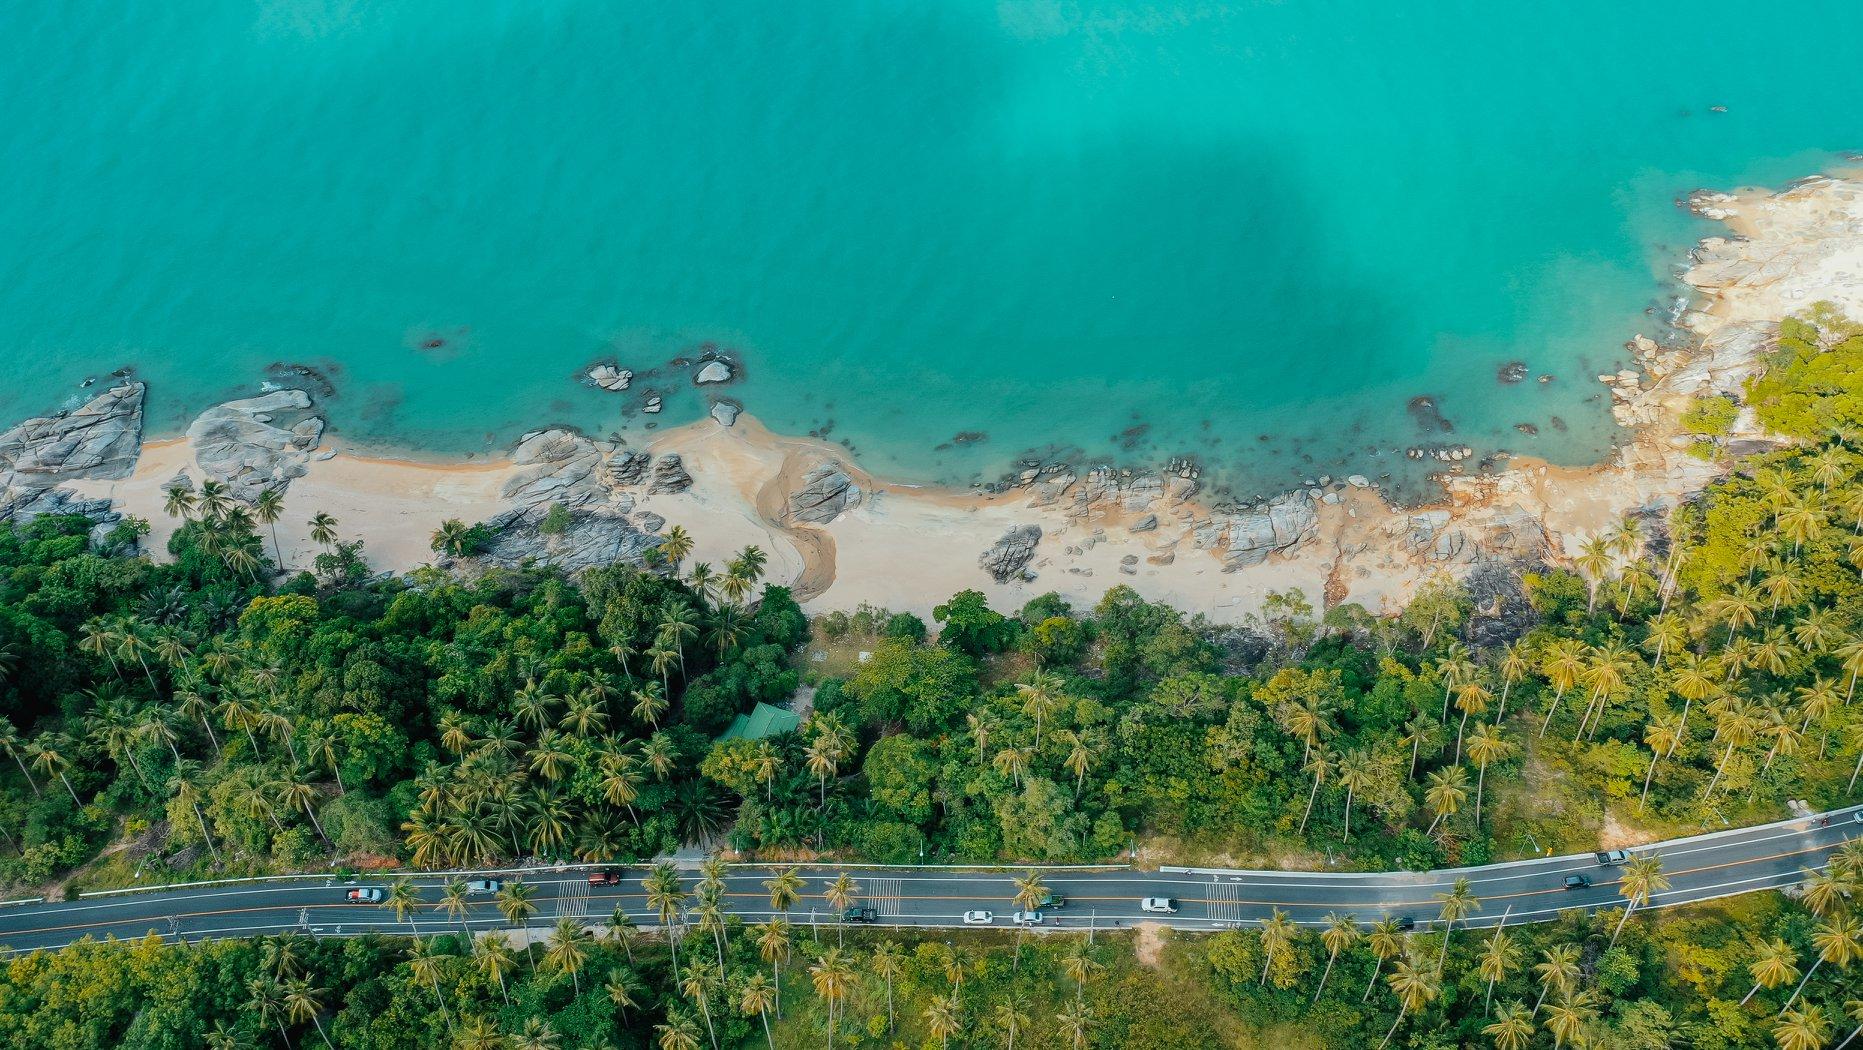 นครศรี,พัทลุง,ที่เที่ยว,ทะเลหมอก,ทะเล,ธรรมชาติ,น้ำตก